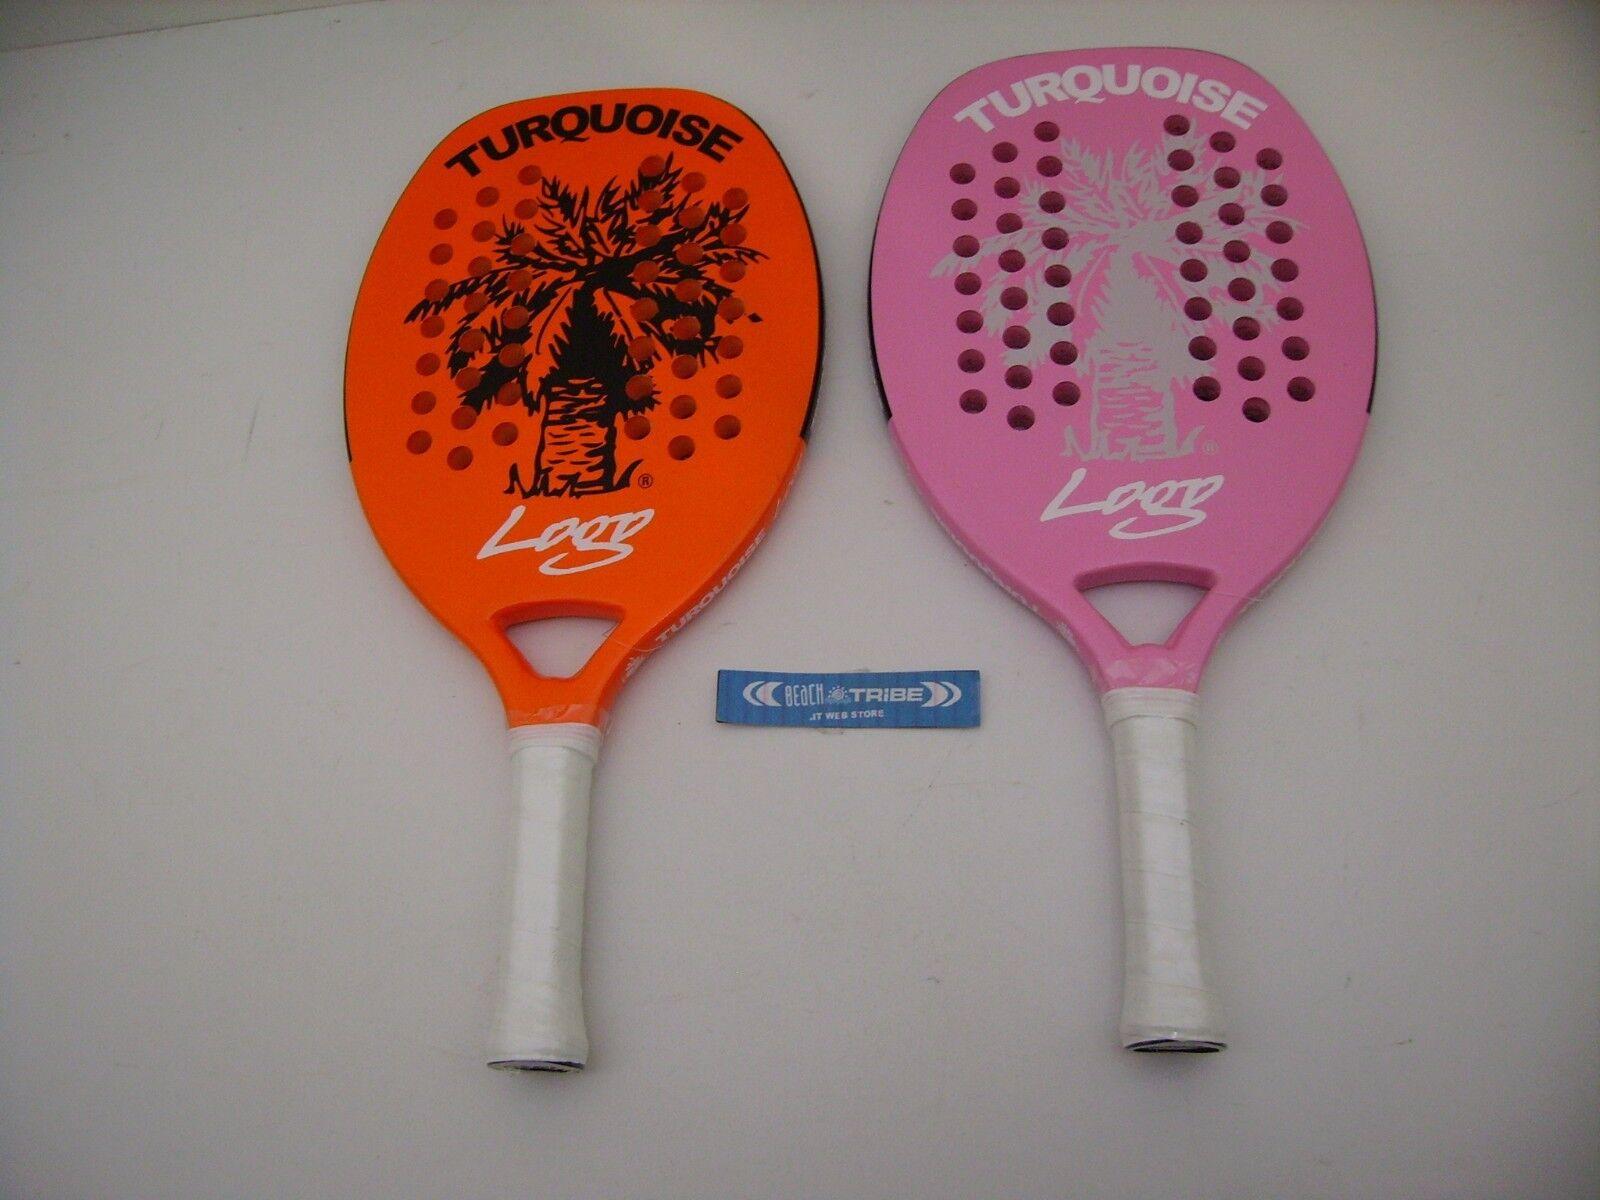 Tennis racquet pair plage turquoise Orange logo and logo rose 2017